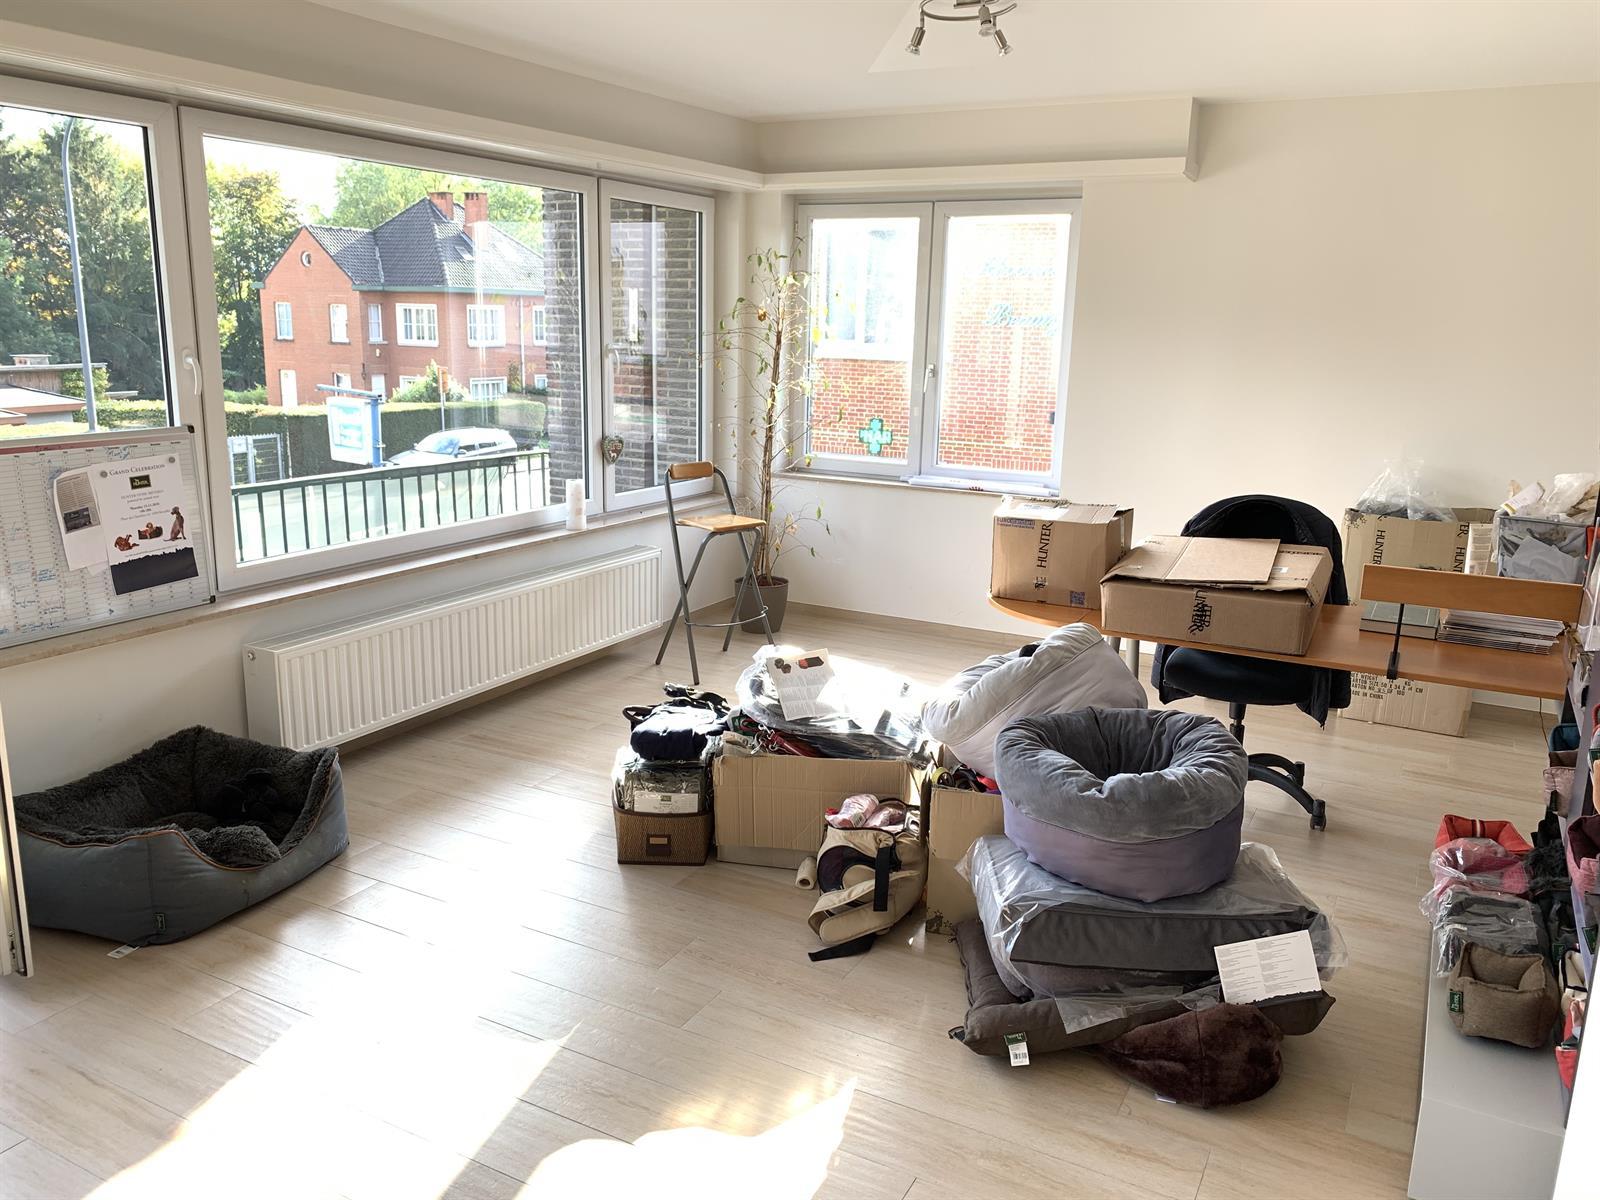 Appartement - Rhode-Saint-Genèse - #4185053-27